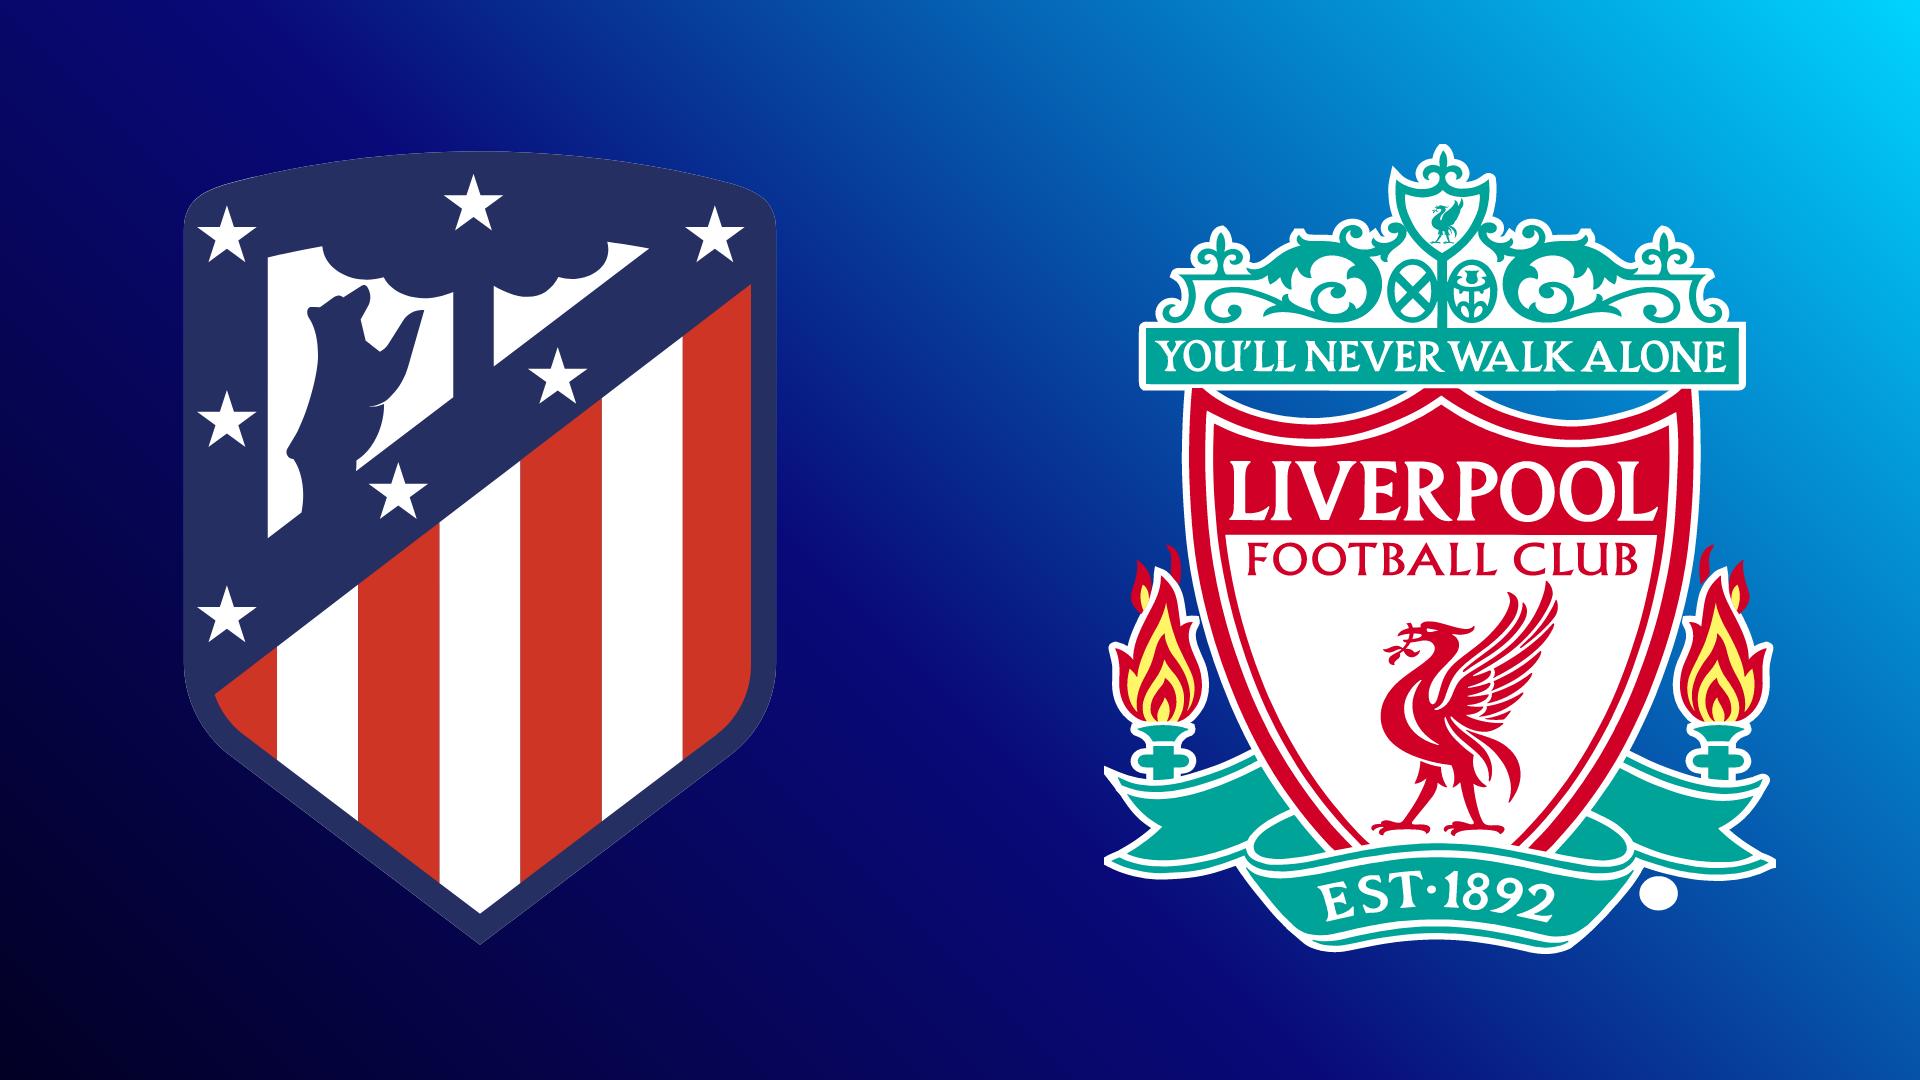 Atletico Madrid - Liverpool 19.10.2021 um 21:00 Uhr auf DAZN